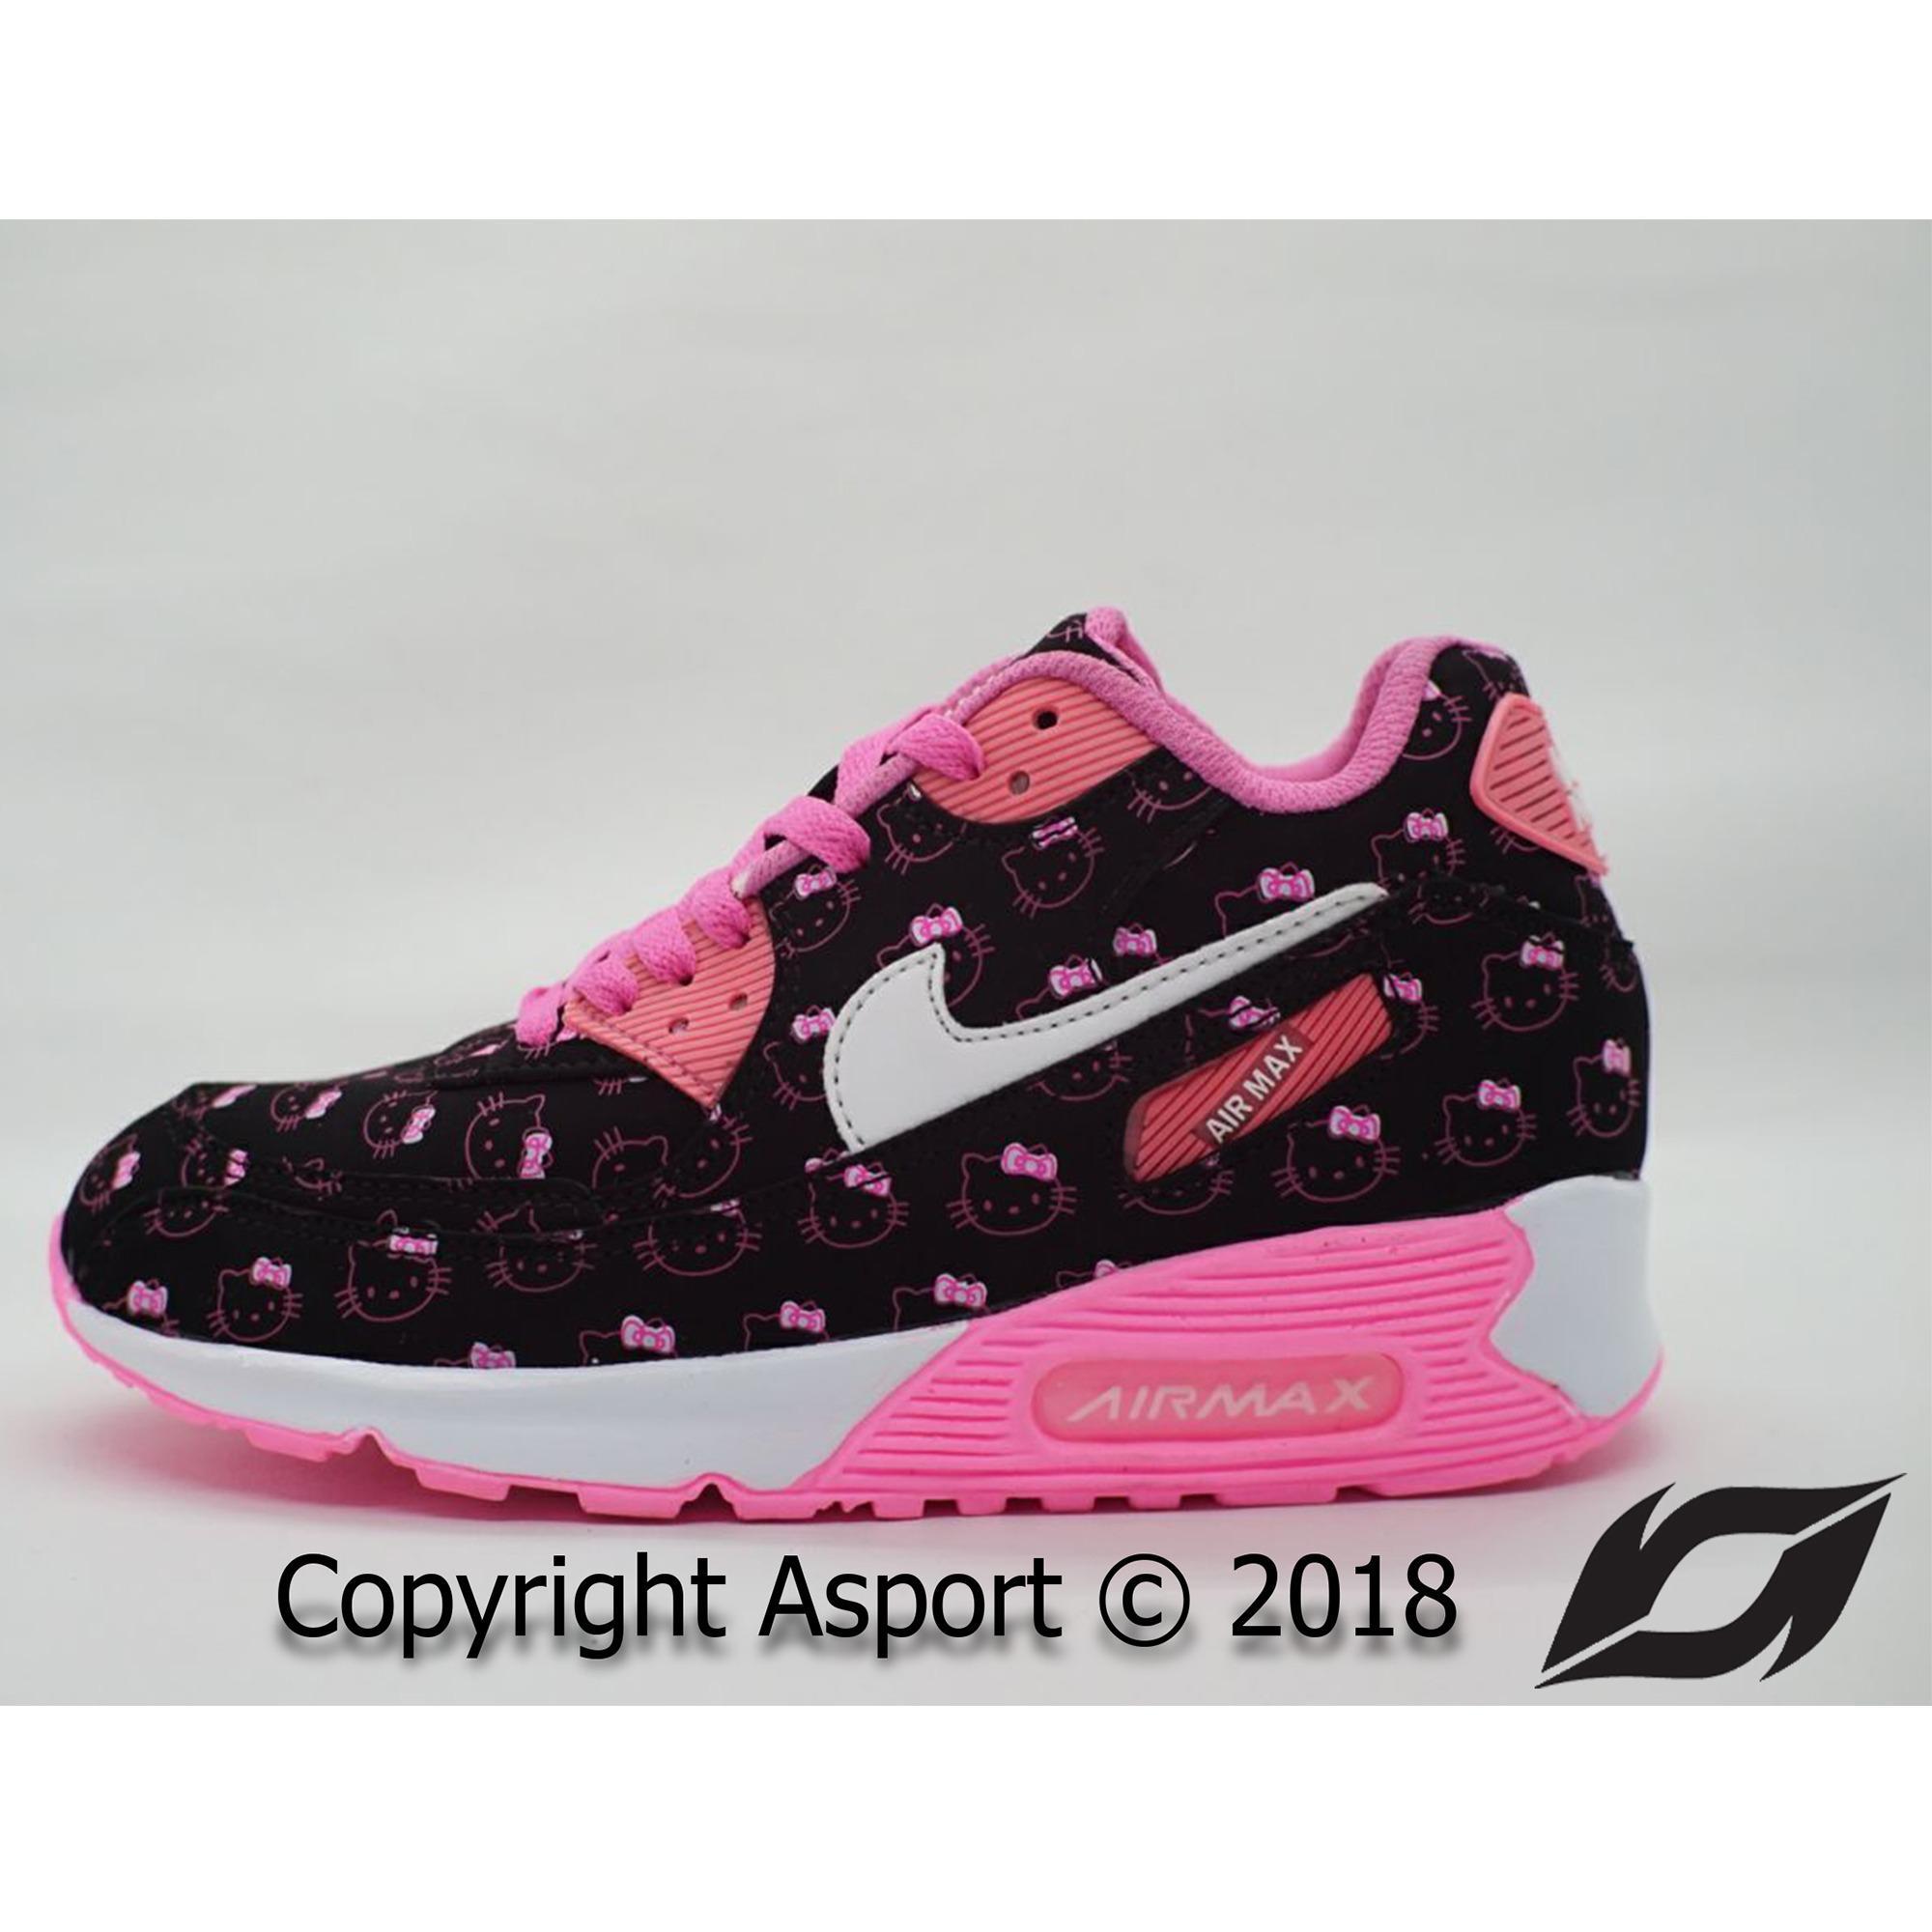 Cek Harga Baru Sepatu Murah Nike Airmax 90 Kualitas Premium Warna ... 259f65be7e